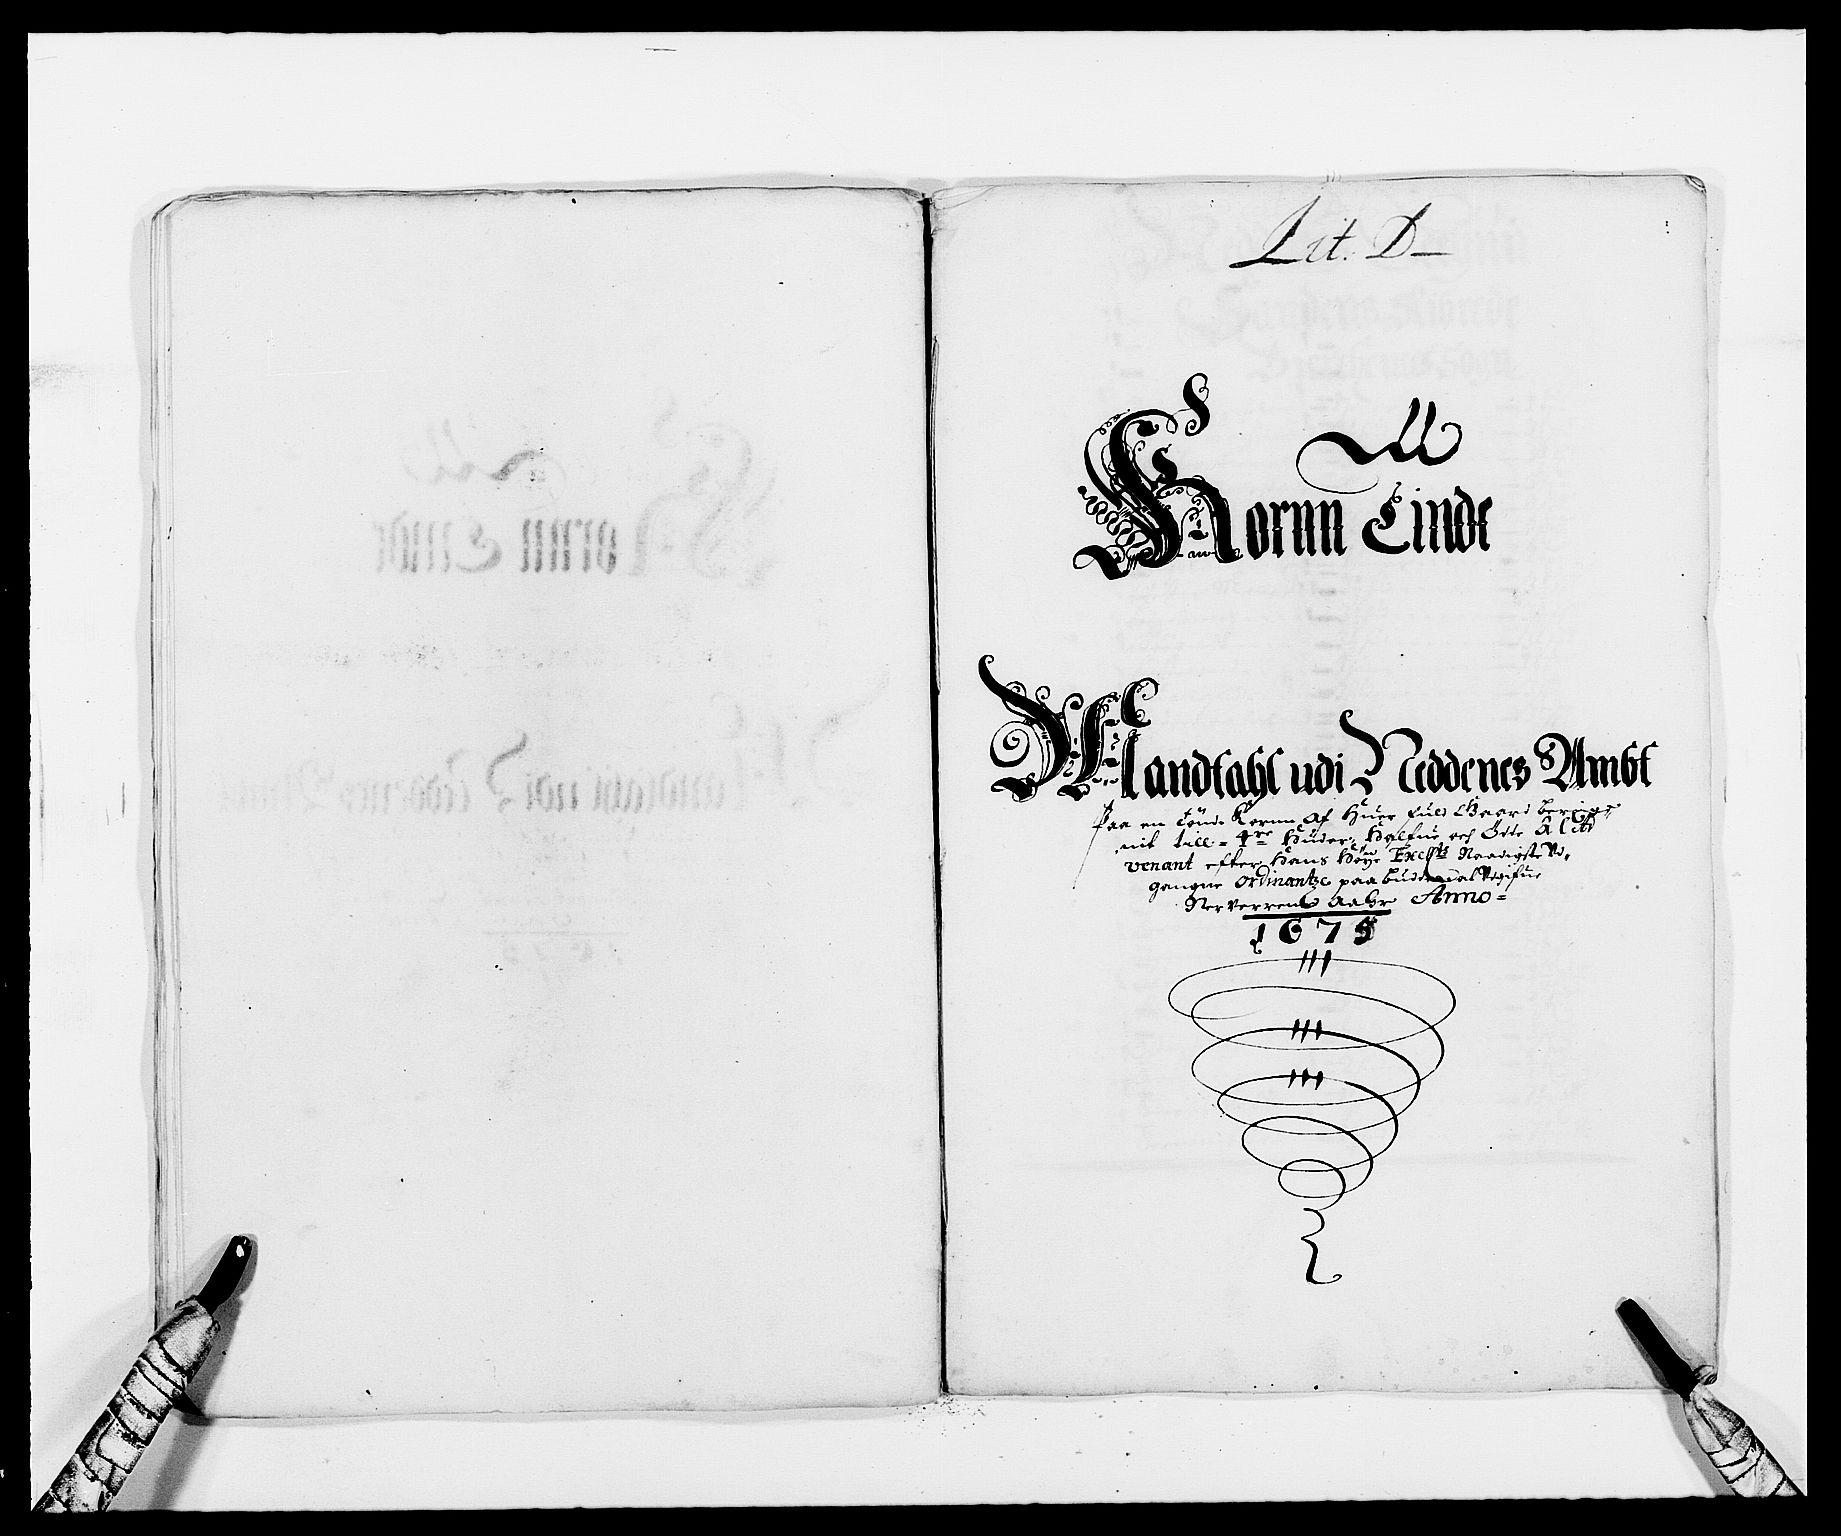 RA, Rentekammeret inntil 1814, Reviderte regnskaper, Fogderegnskap, R39/L2301: Fogderegnskap Nedenes, 1675-1676, s. 78